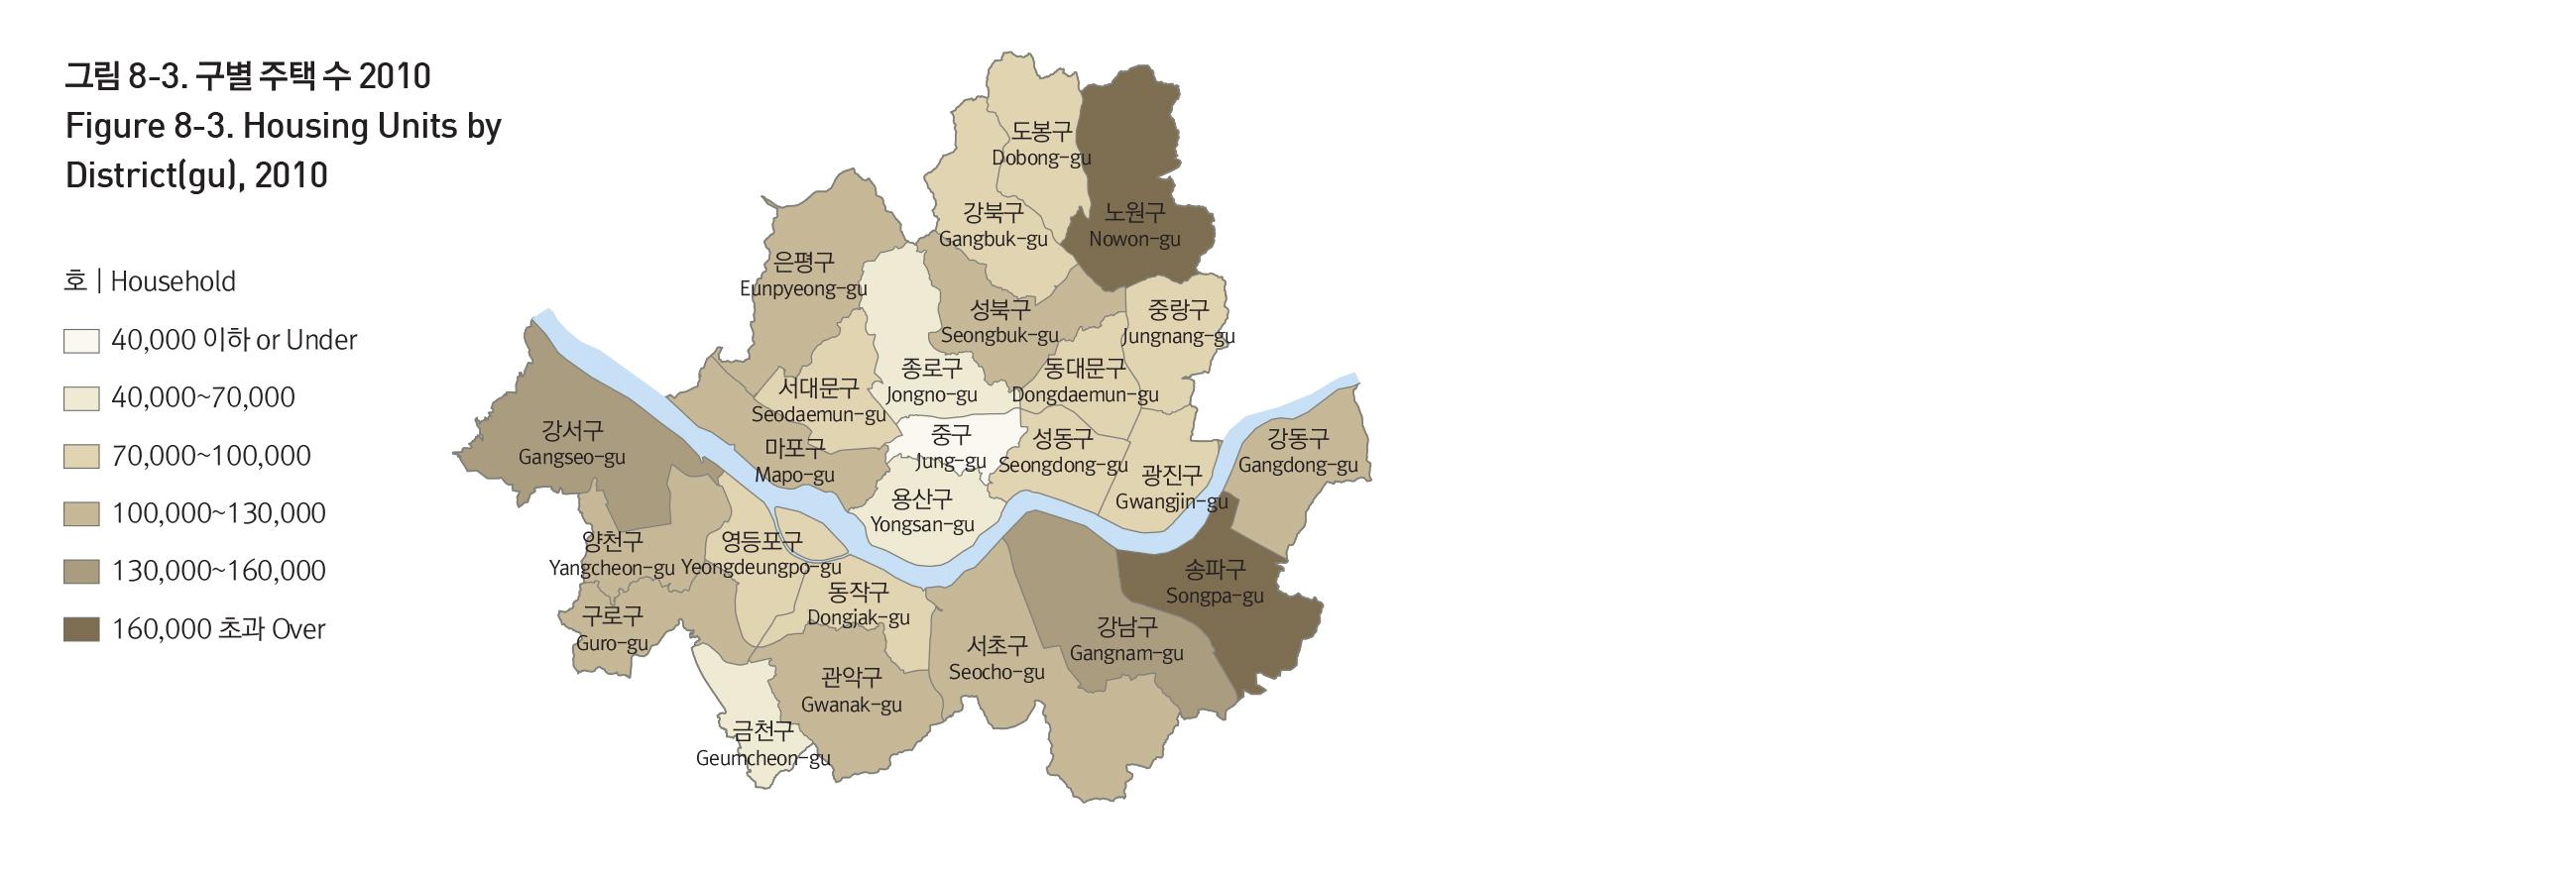 2010년 서울시 구별 주택 수를 보여주는 지도 입니다. 상세데이터는 아래 파일 링크를 통해 다운로드 할 수 있습니다.